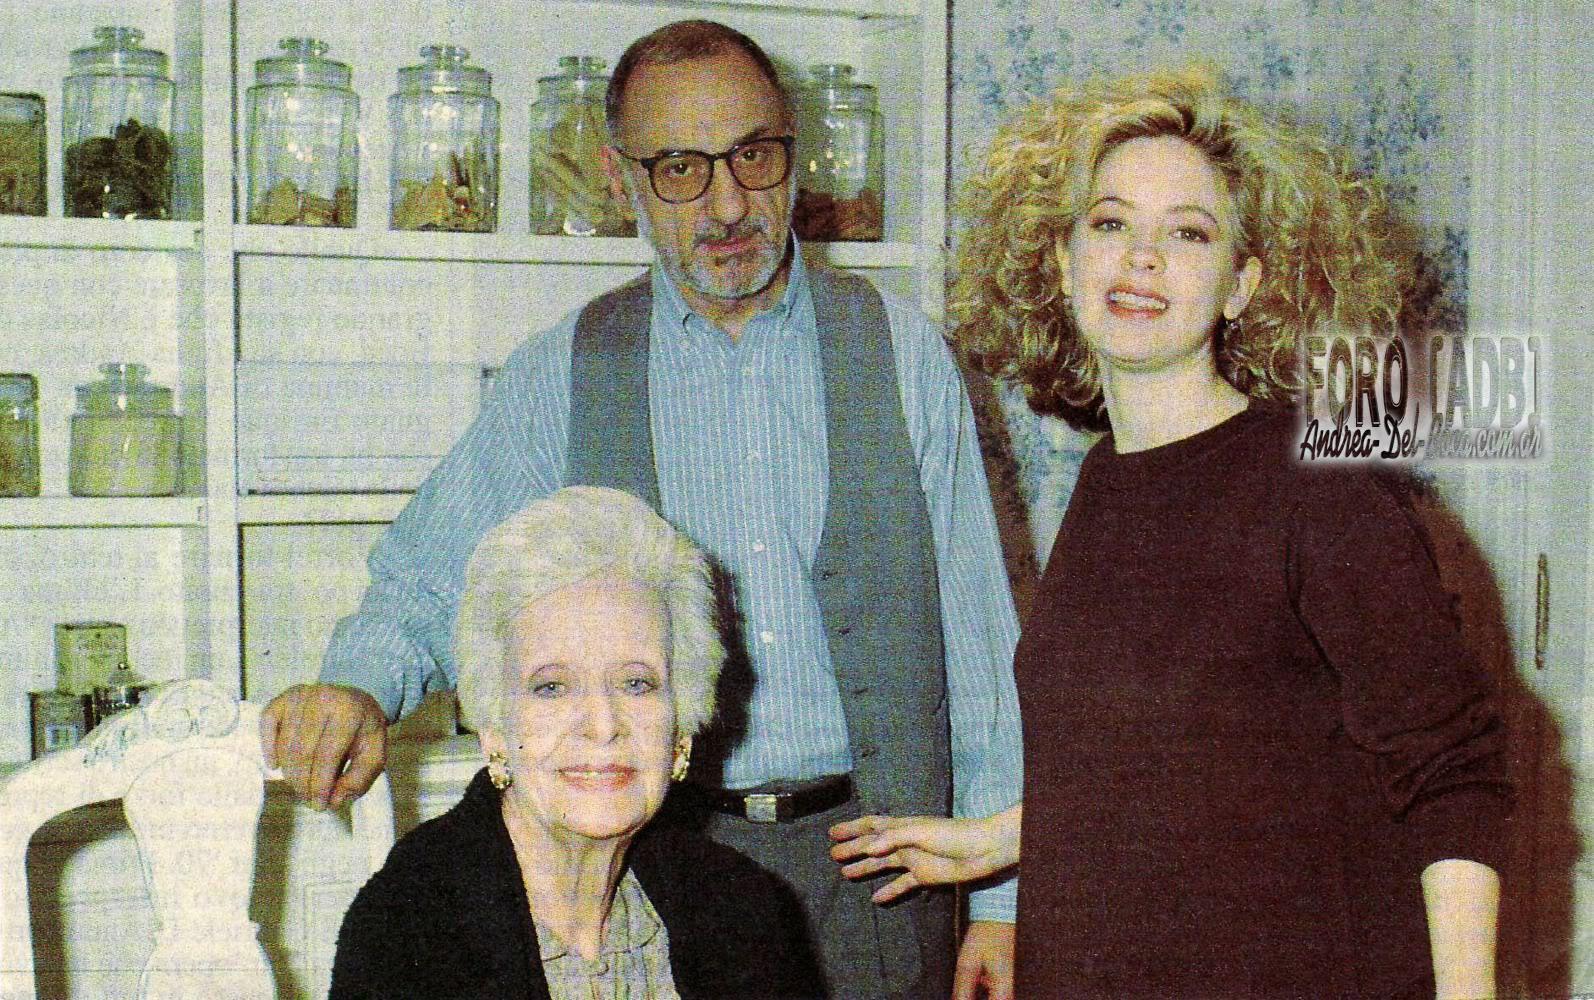 Фотографии / Fotos (часть 4) - Página 12 1993_andy_del_boca_1388